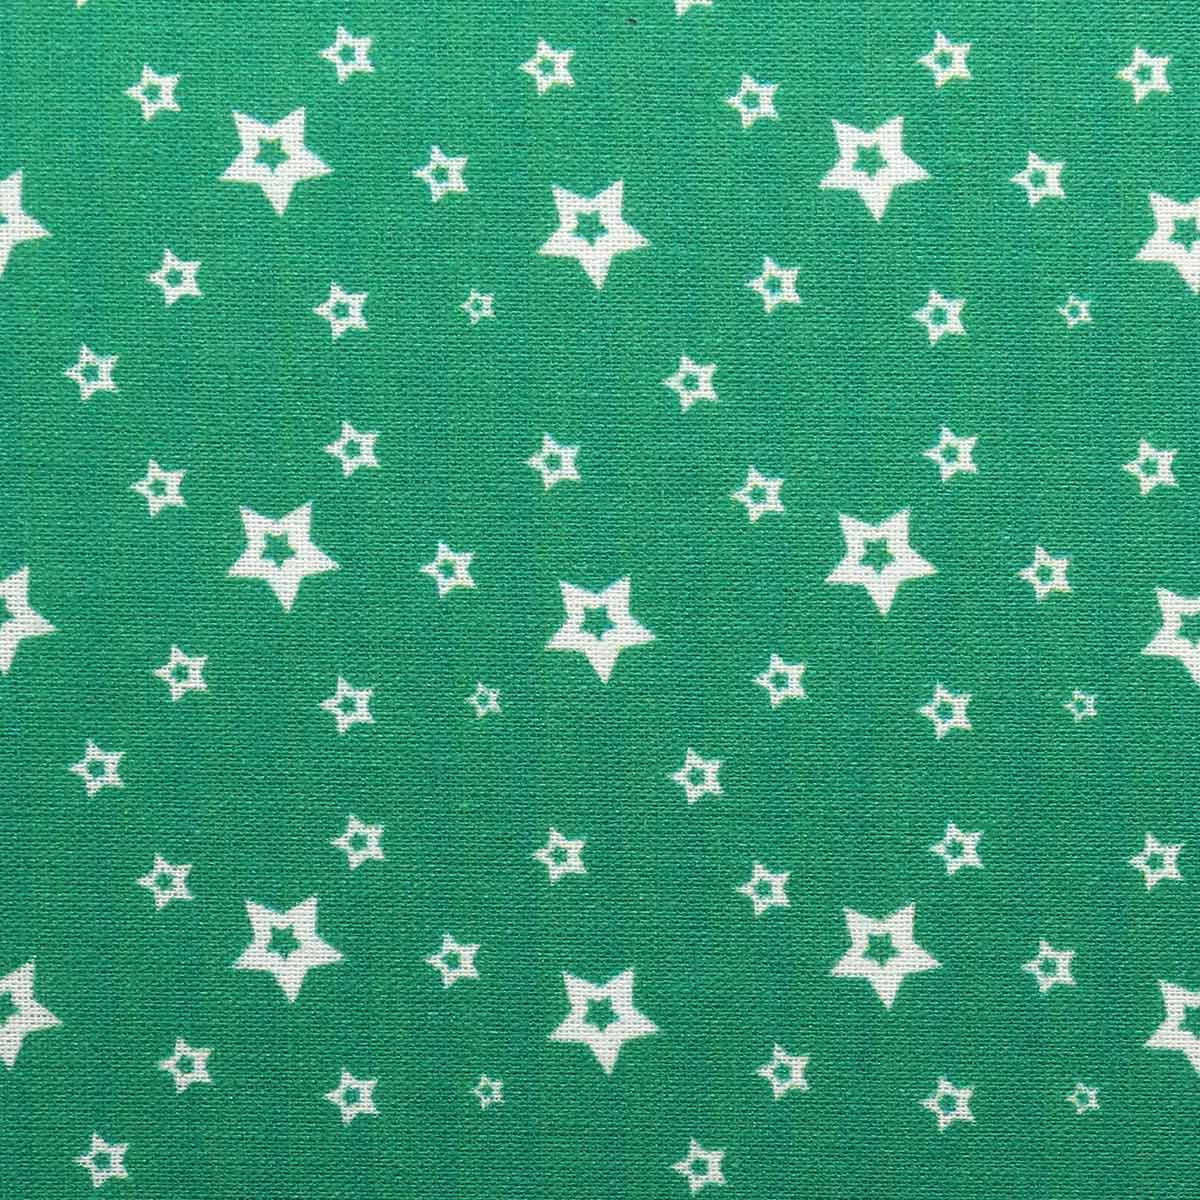 АМ575003 Ткань 'Звезды' №3, 100% хлопок, 120 г/м2, размер 48*50см